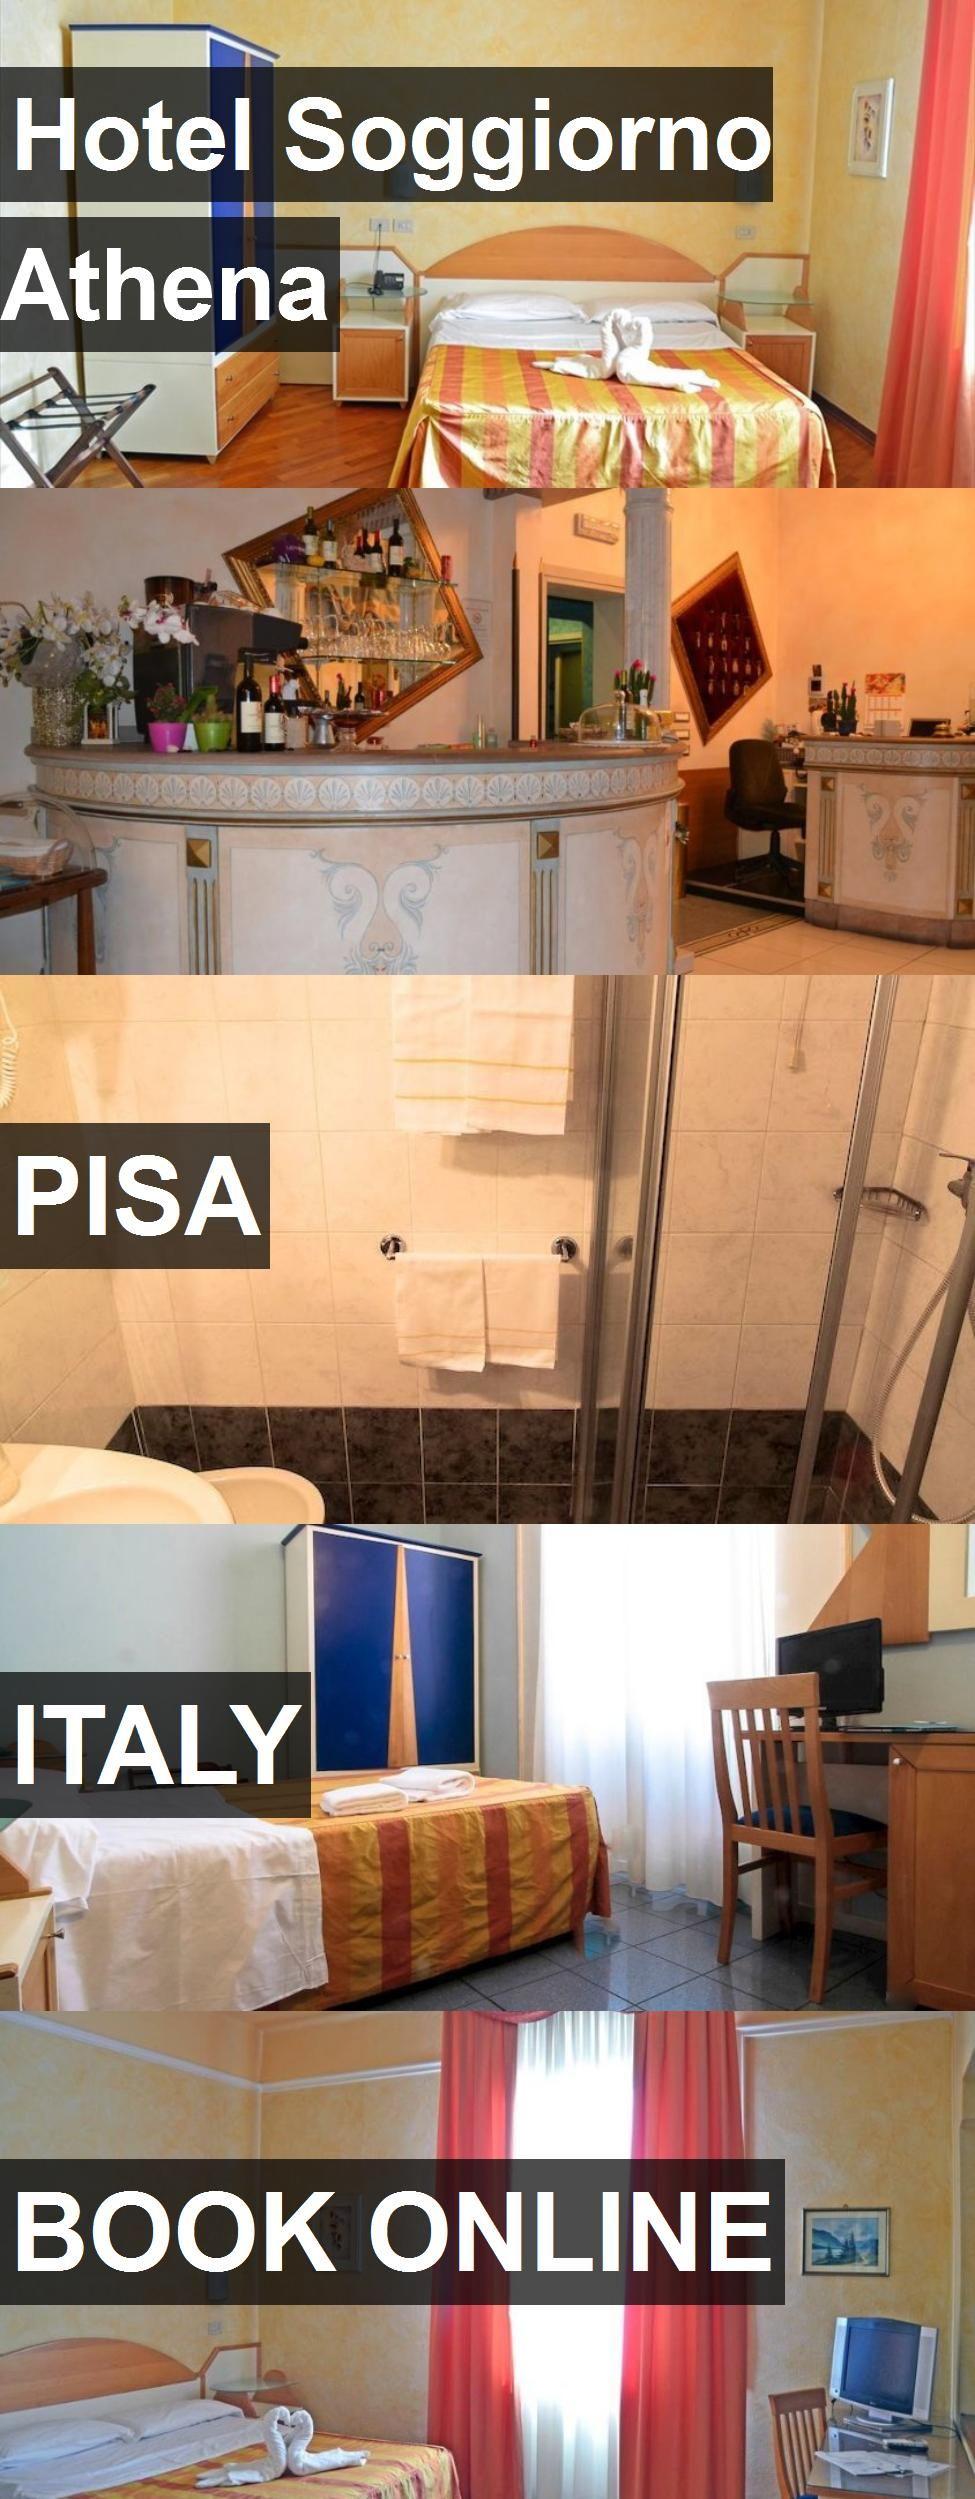 Hotel Hotel Soggiorno Athena in Pisa, Italy. For more ...